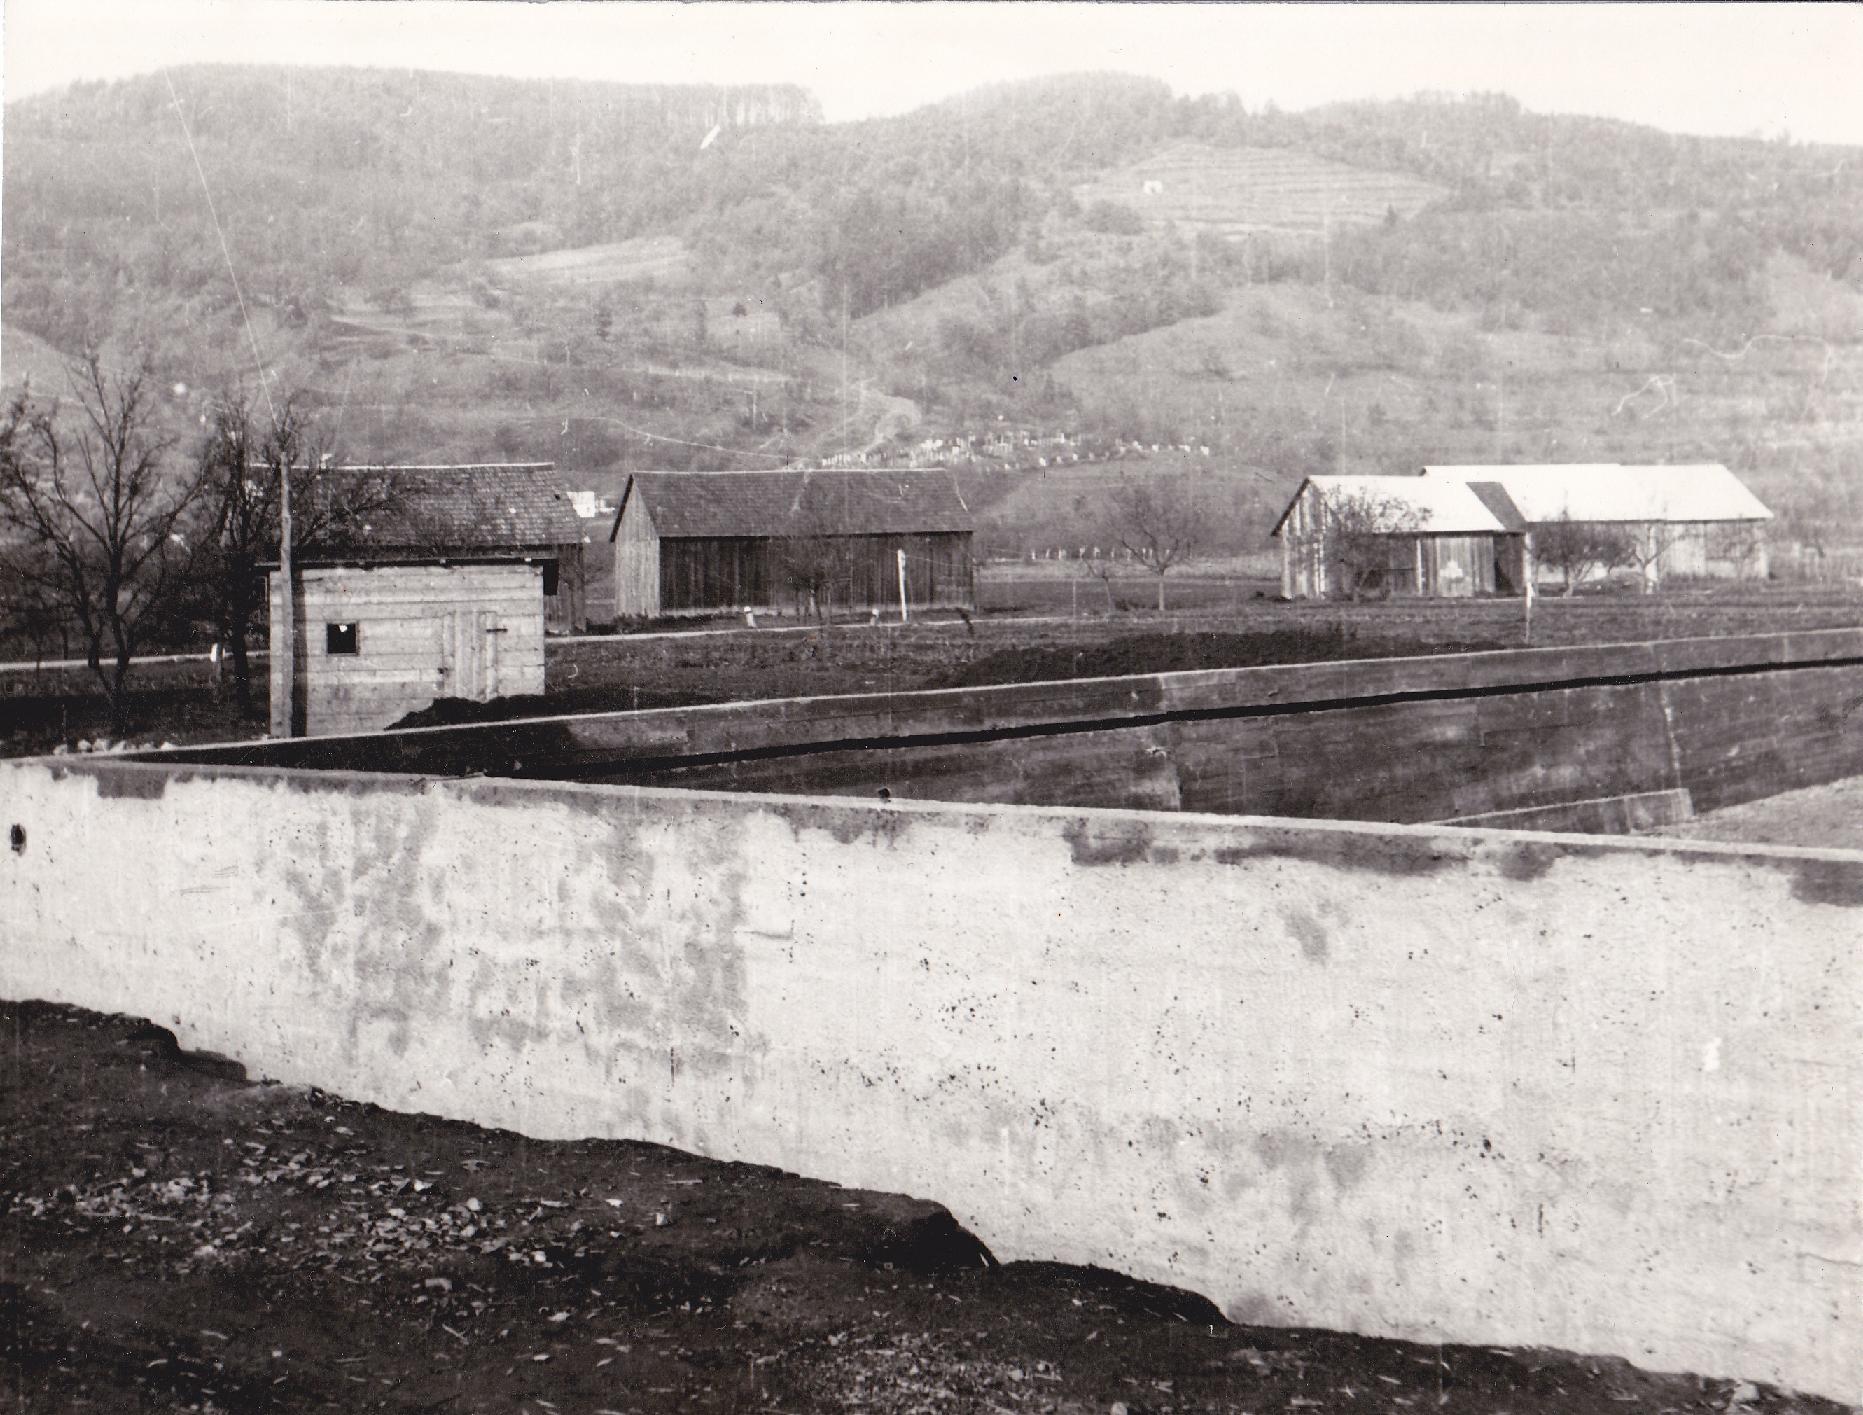 Polia a šopy na mieste dnešného sídliska Sedlište, vzadu na kopci židovský cintorín.